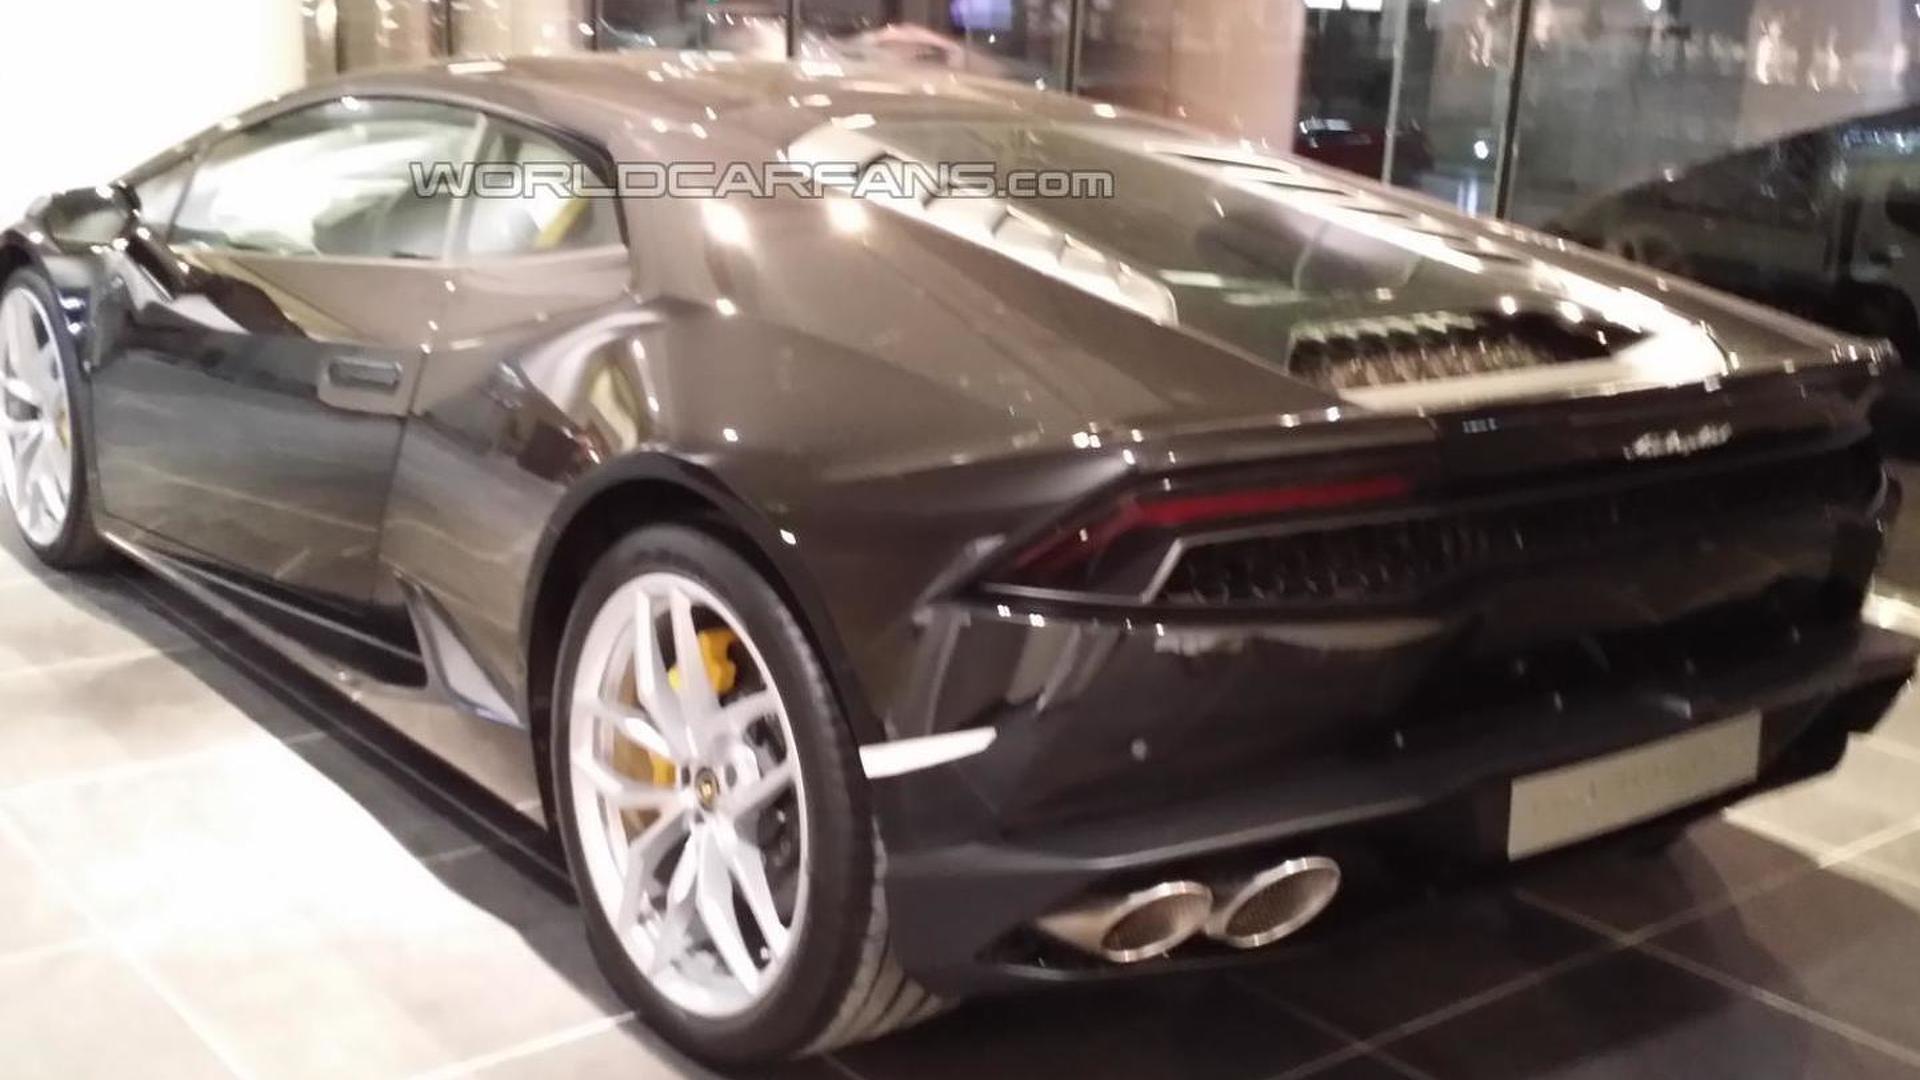 2014-460225-lamborghini-huracan-launch-at-abu-dhabi-showroom1 Marvelous Lamborghini Huracan Price In Uae Cars Trend